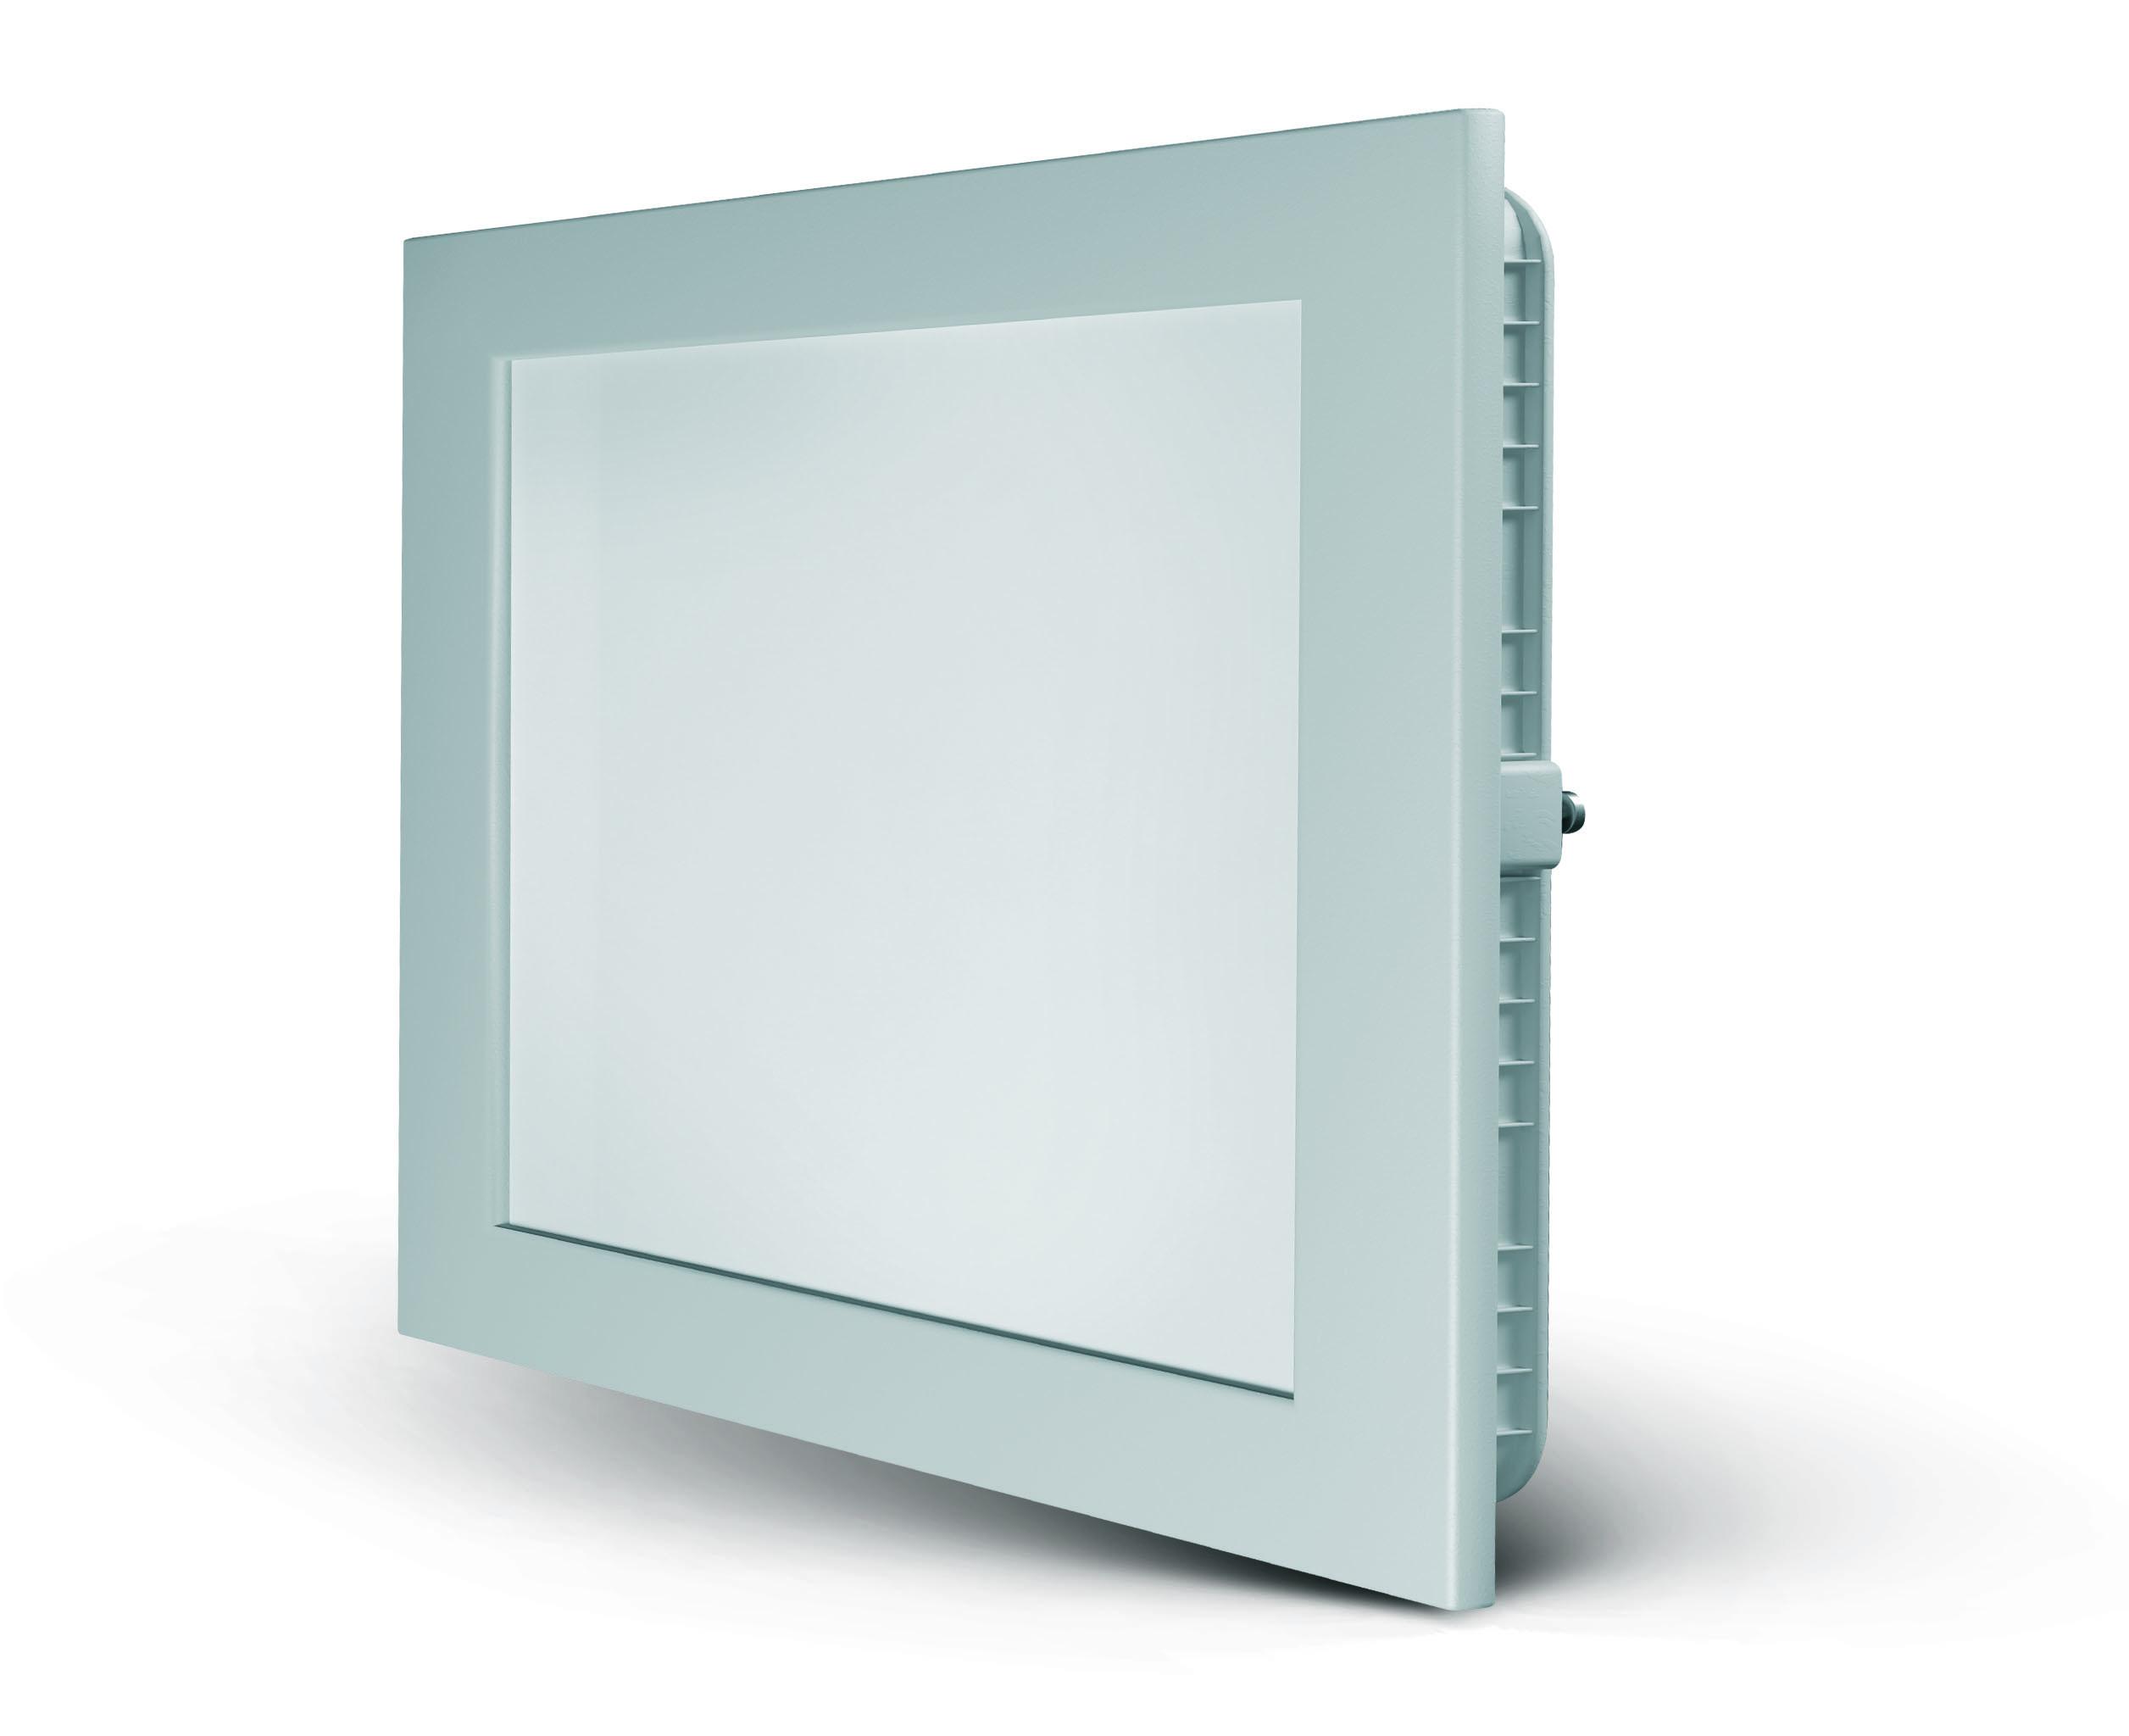 Plafon Led 12w 15×15 Quadrado 6500k Embutir Spotlux Elmig